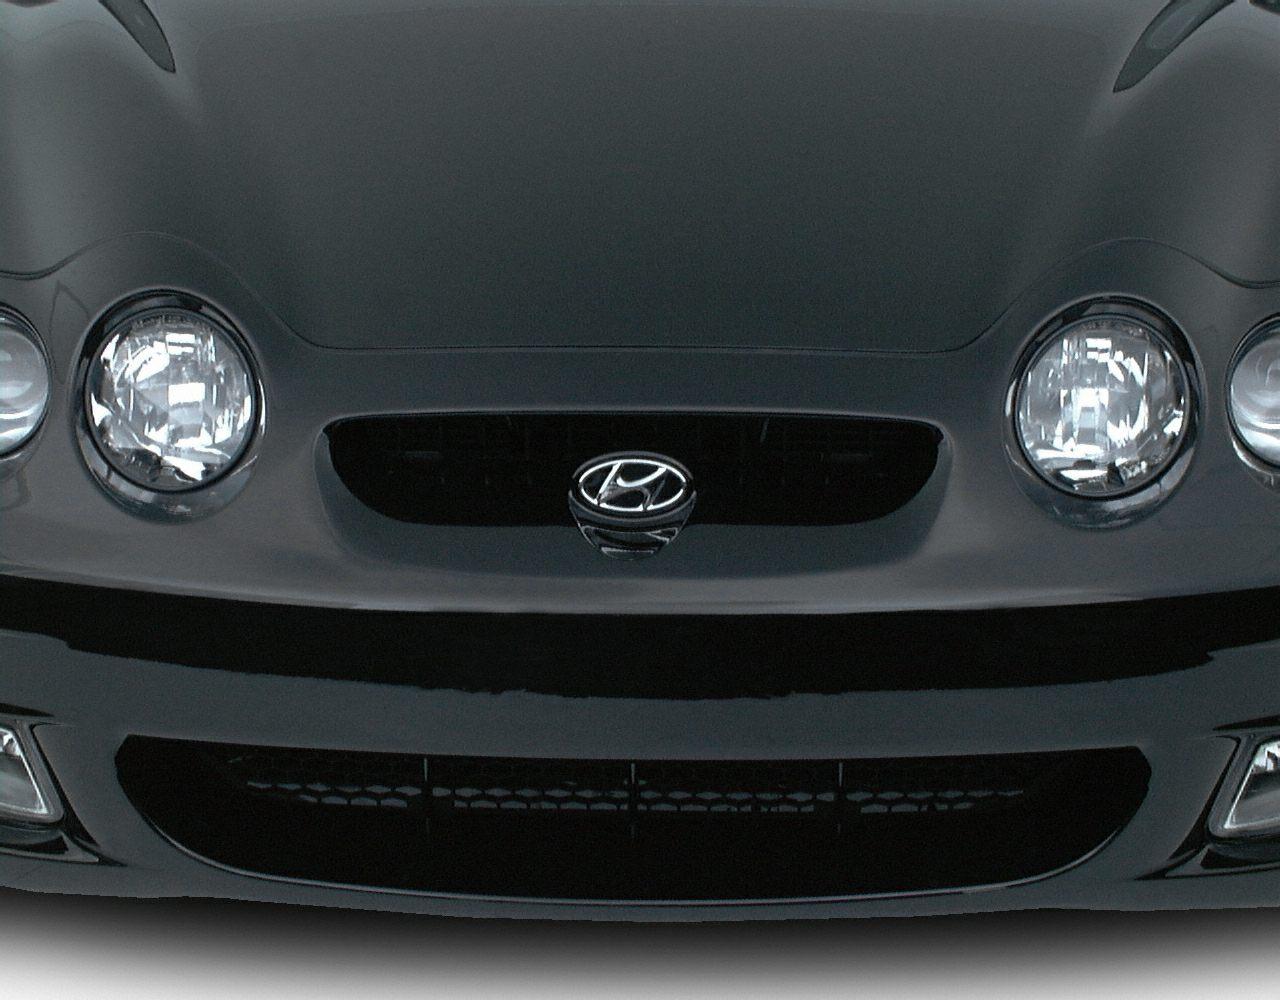 2000 Hyundai Tiburon Exterior Photo